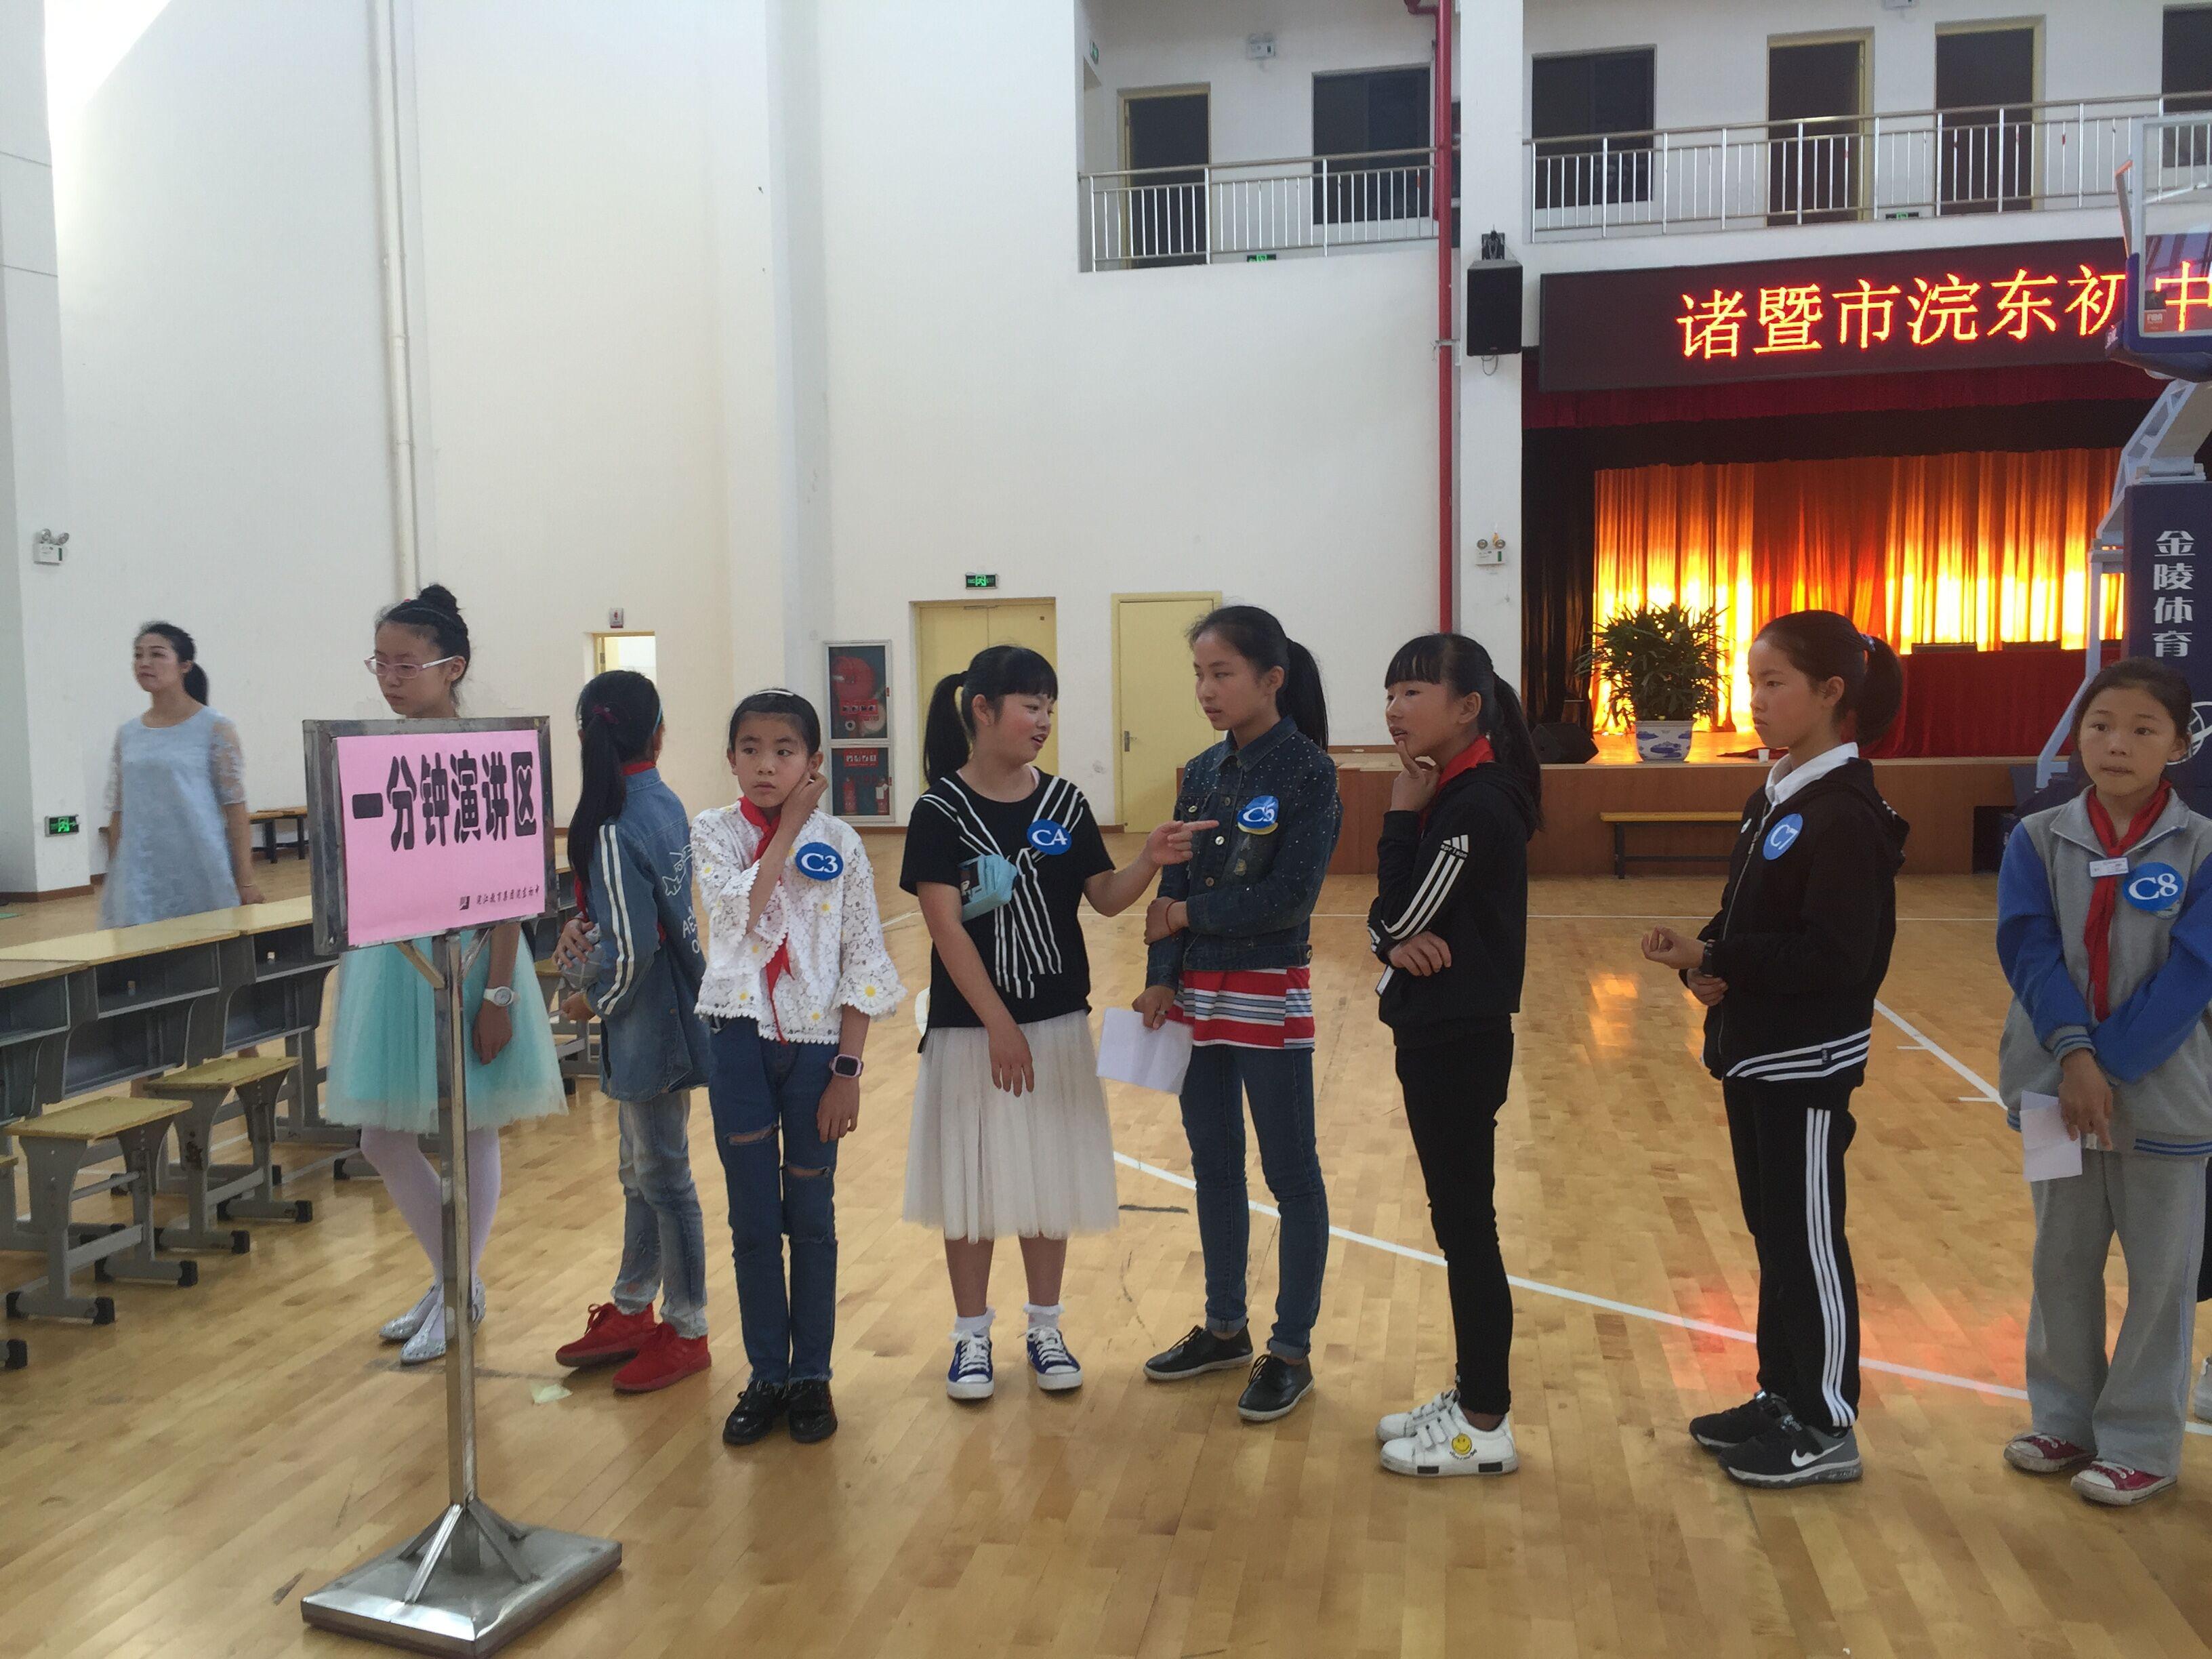 诸暨市第七届中小学阅读文化节点燃阅读热情